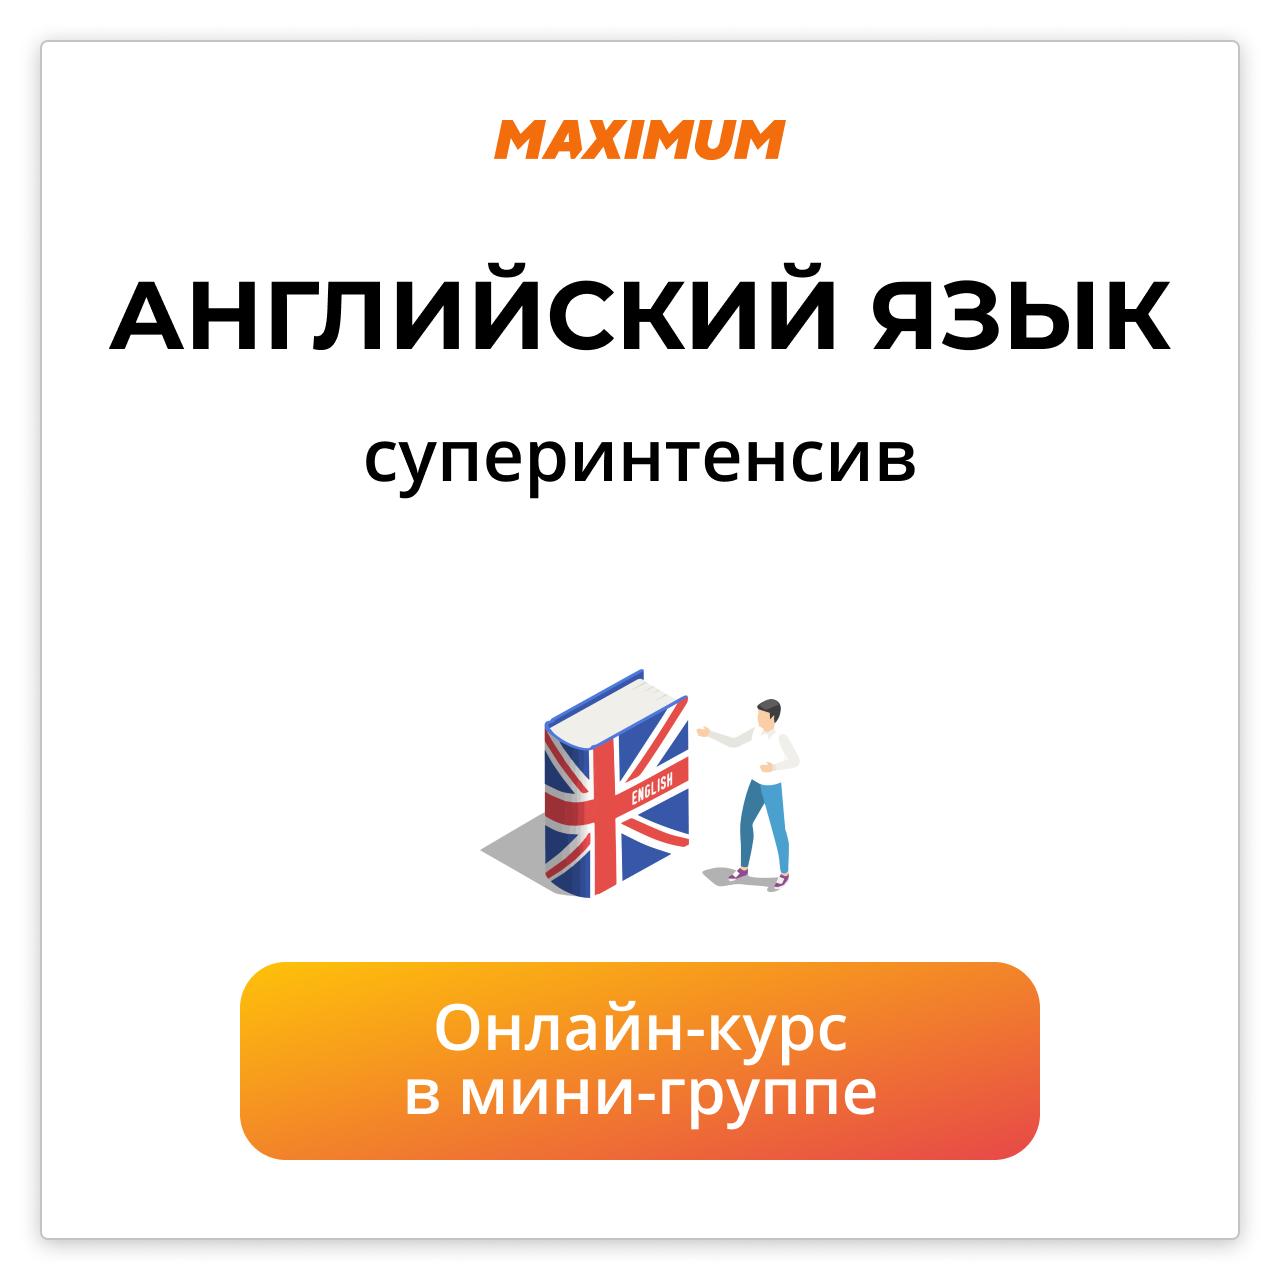 Английский язык ЕГЭ Мини-группа